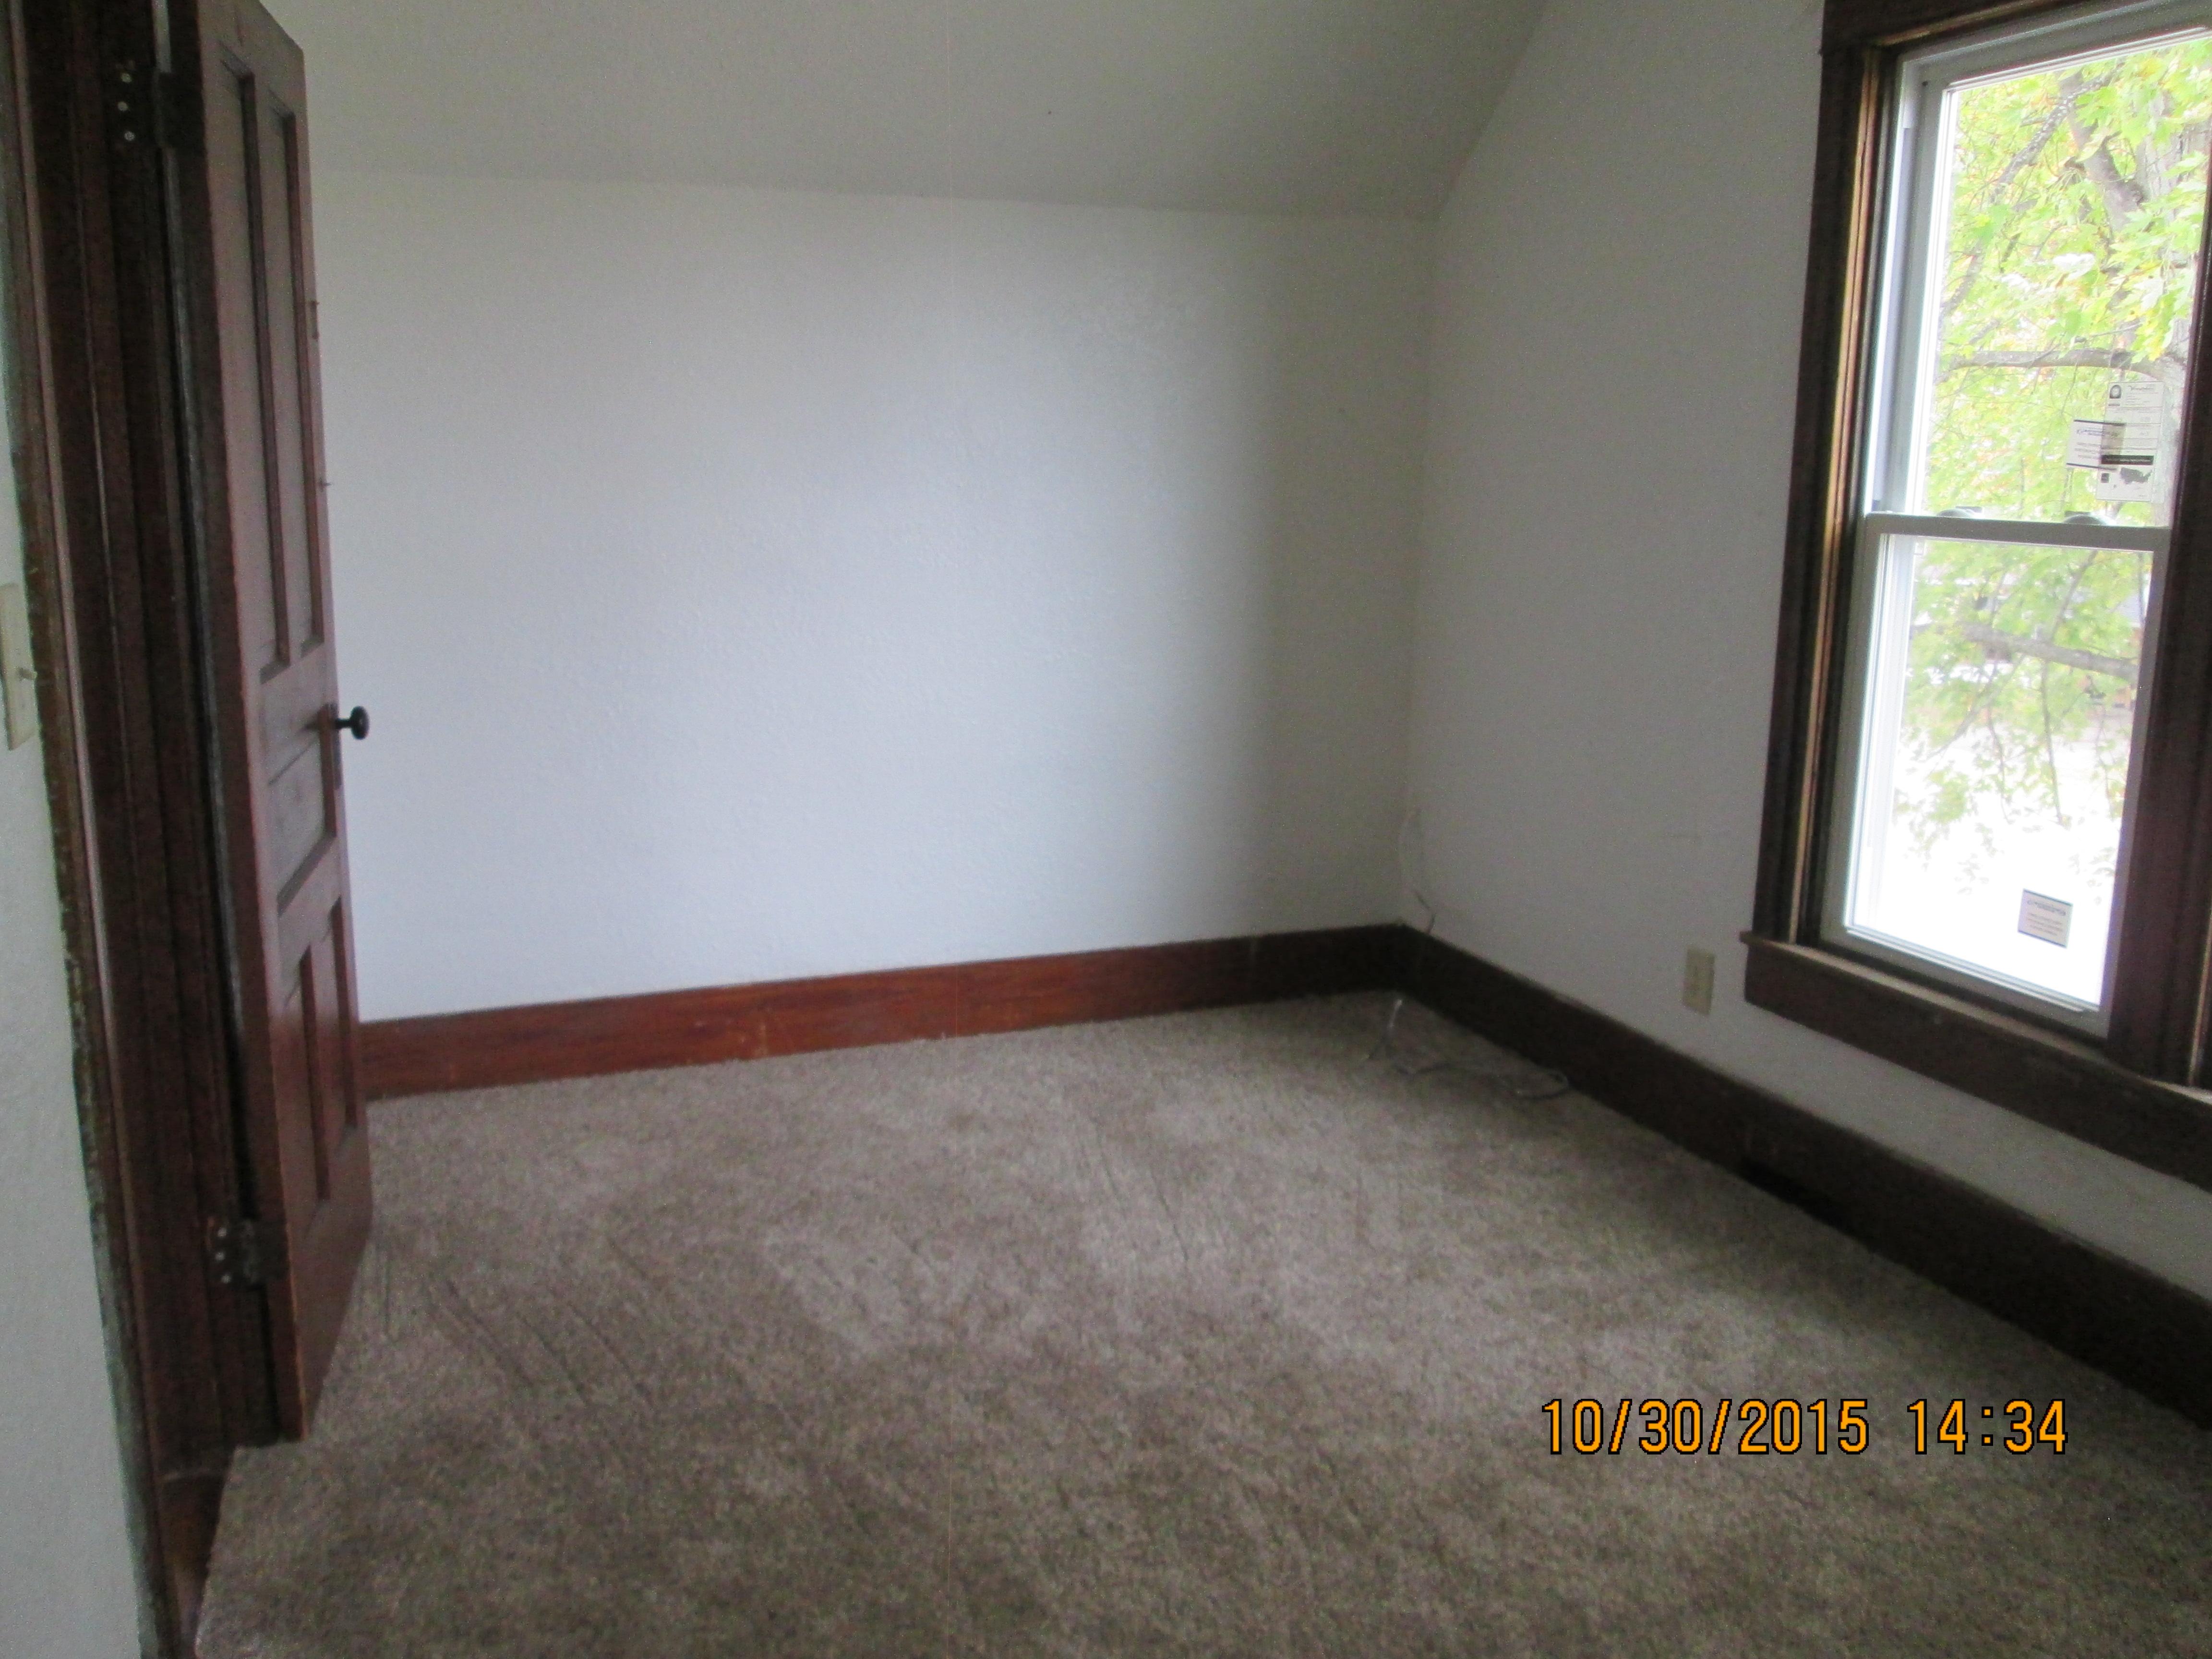 1125 N Main, Kewanee, Illinois 61443